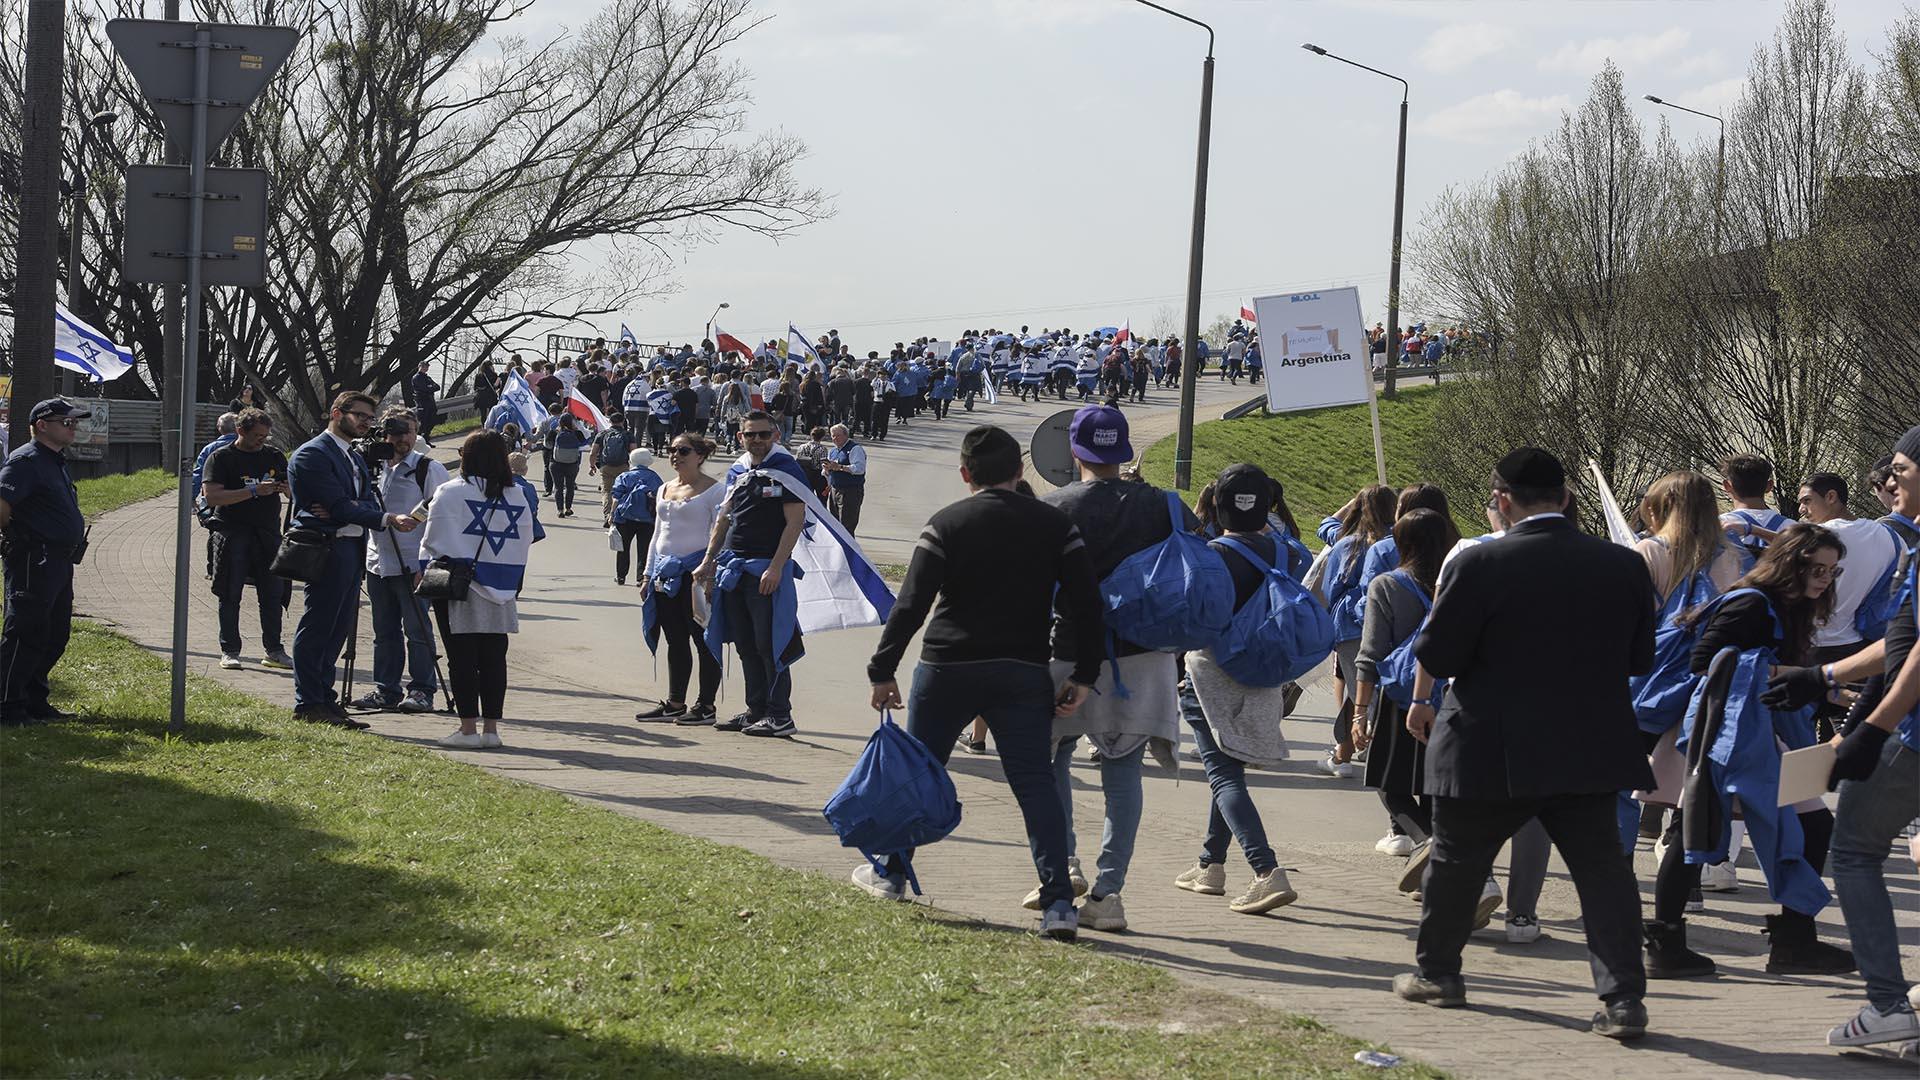 Desde hace 30 años miles de personas de todo el mundo recorren los 3 kilómetros que separan Auschwitz de Birkenau